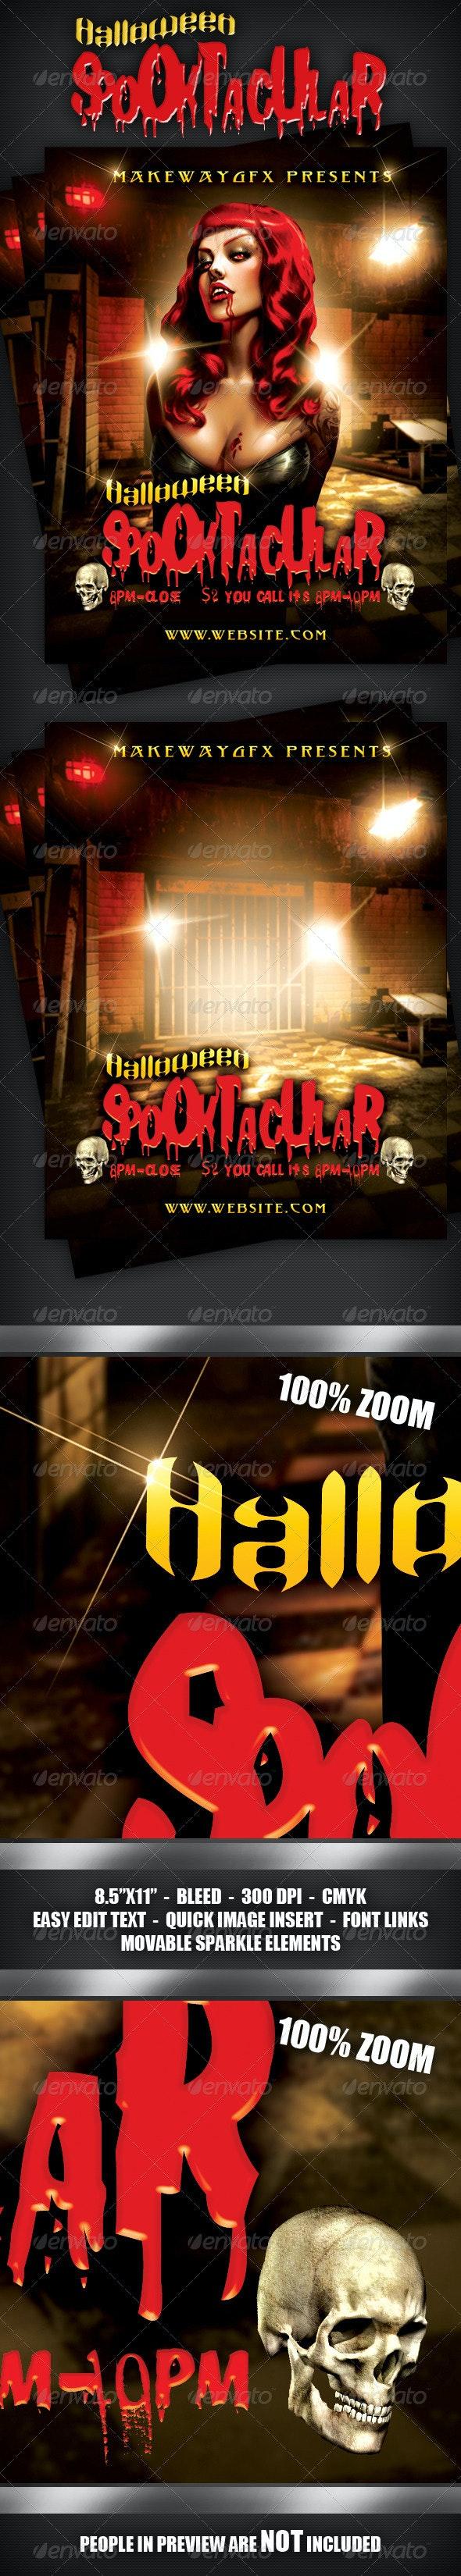 Halloween Spooktacular Flyer - Clubs & Parties Events